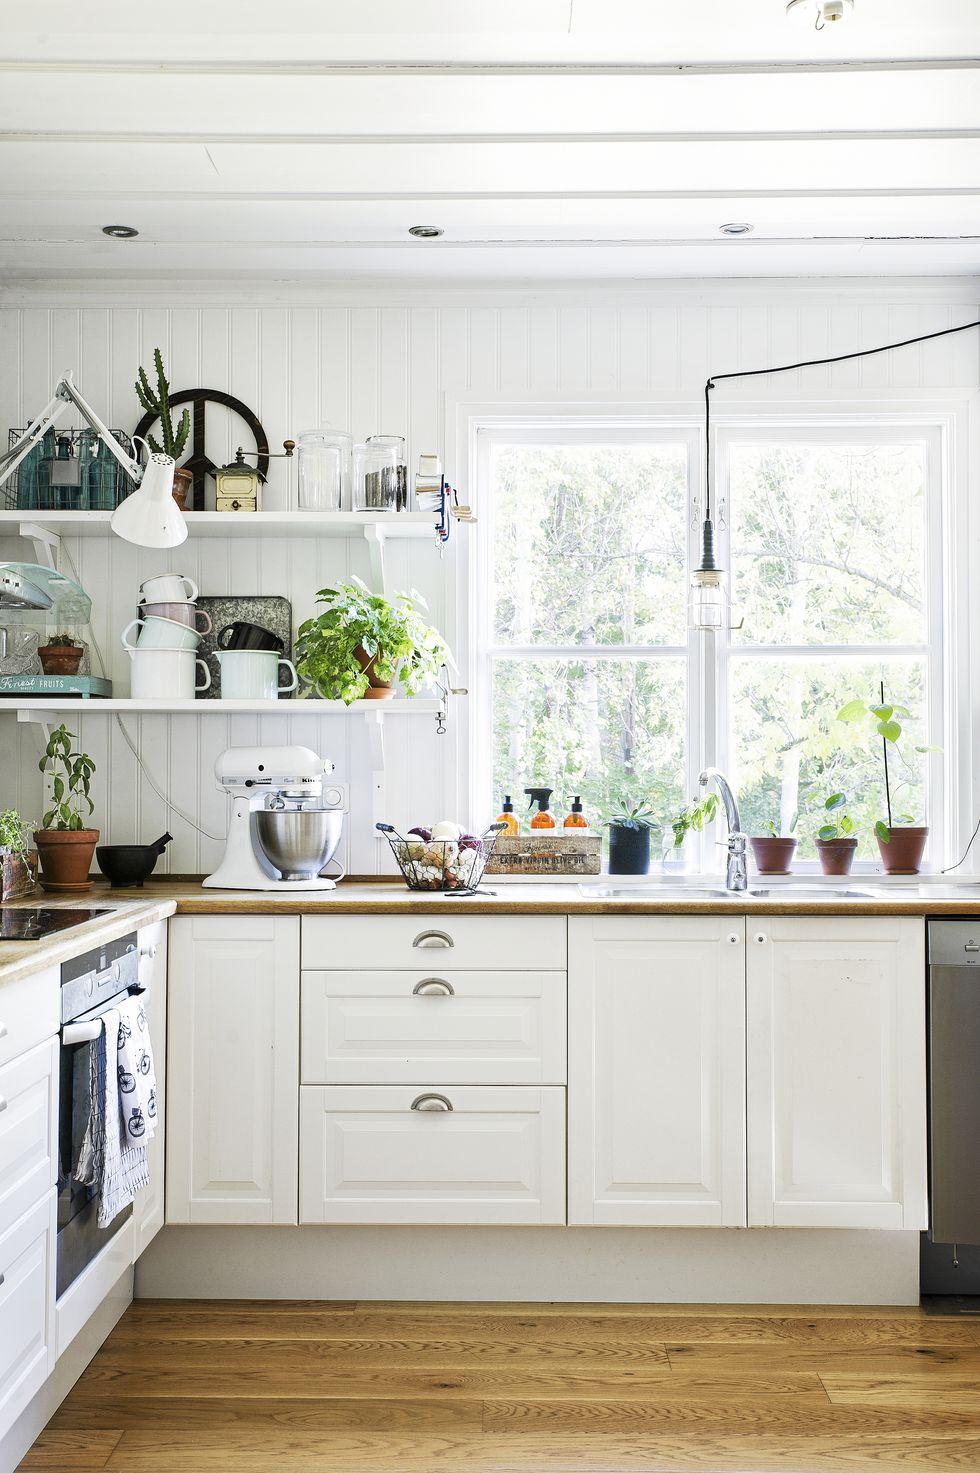 Interior vintage inspiration virlova style - Virlova style ...